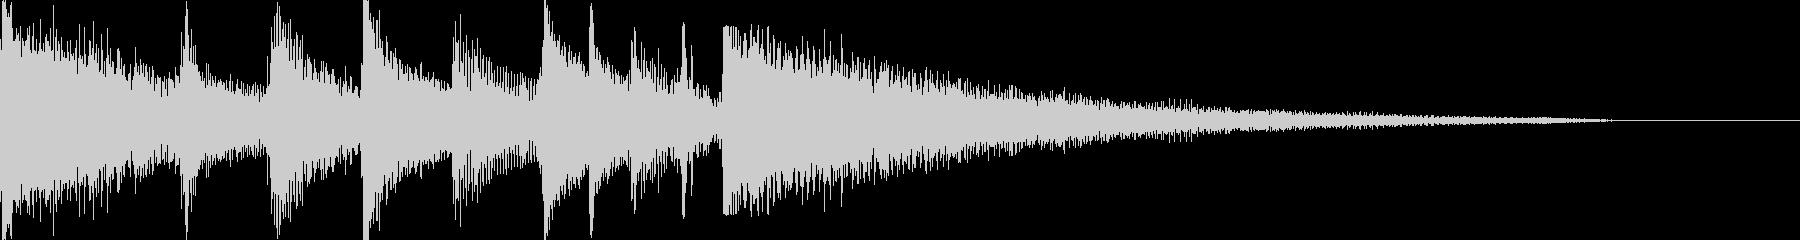 ピアノ、グロッケンシュピール、アコ...の未再生の波形